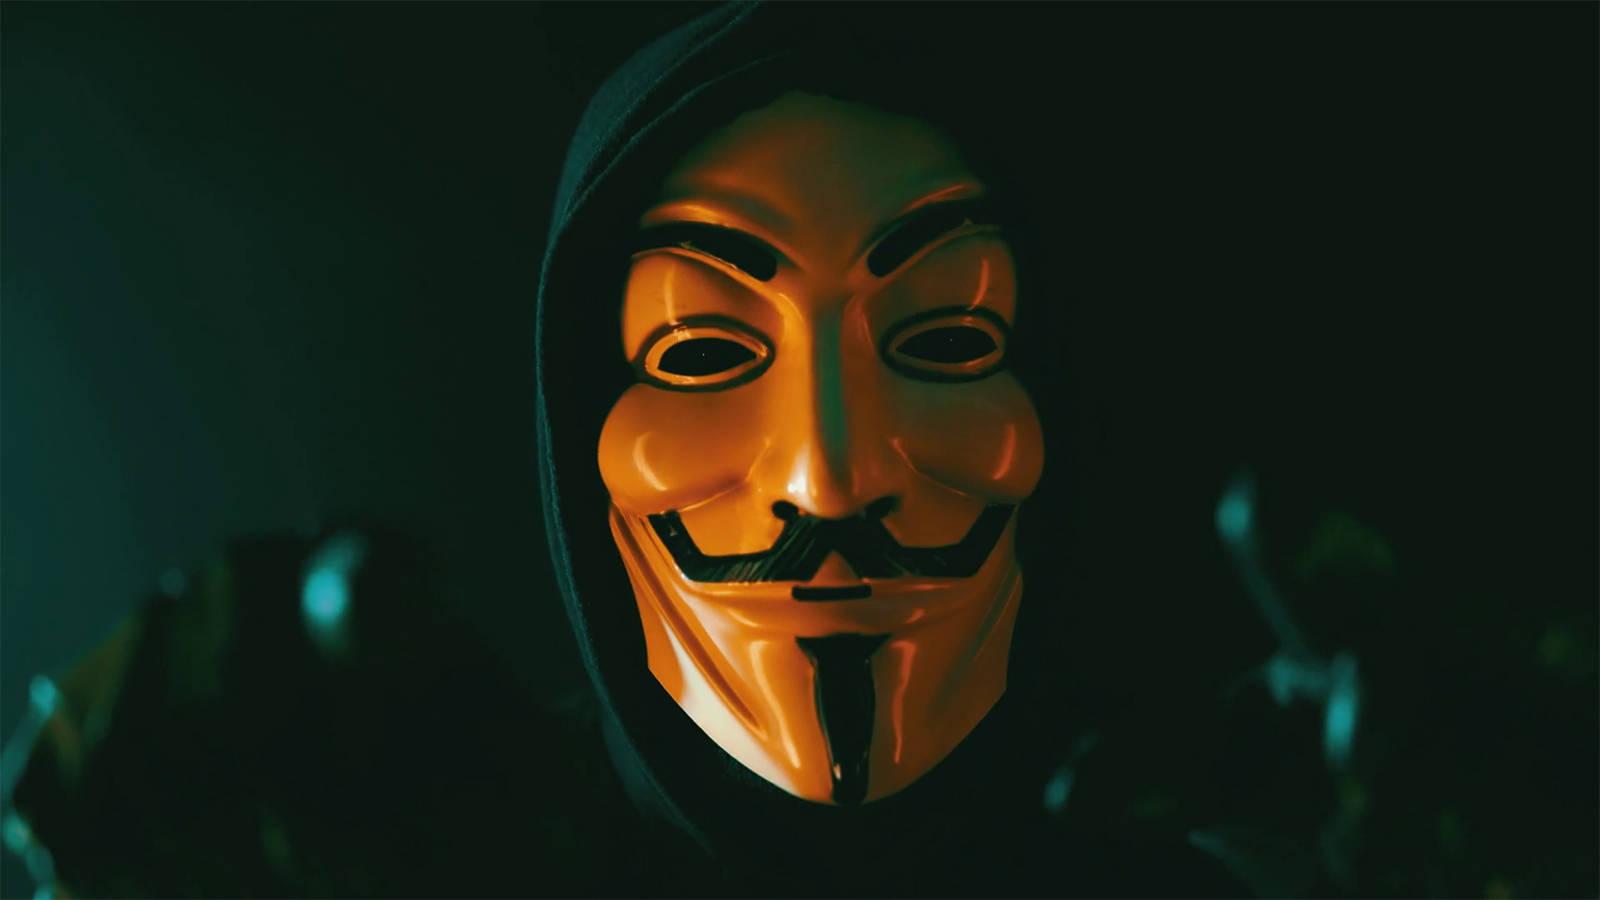 Ảnh Hacker mặt nạ Anonymous đẹp nhất